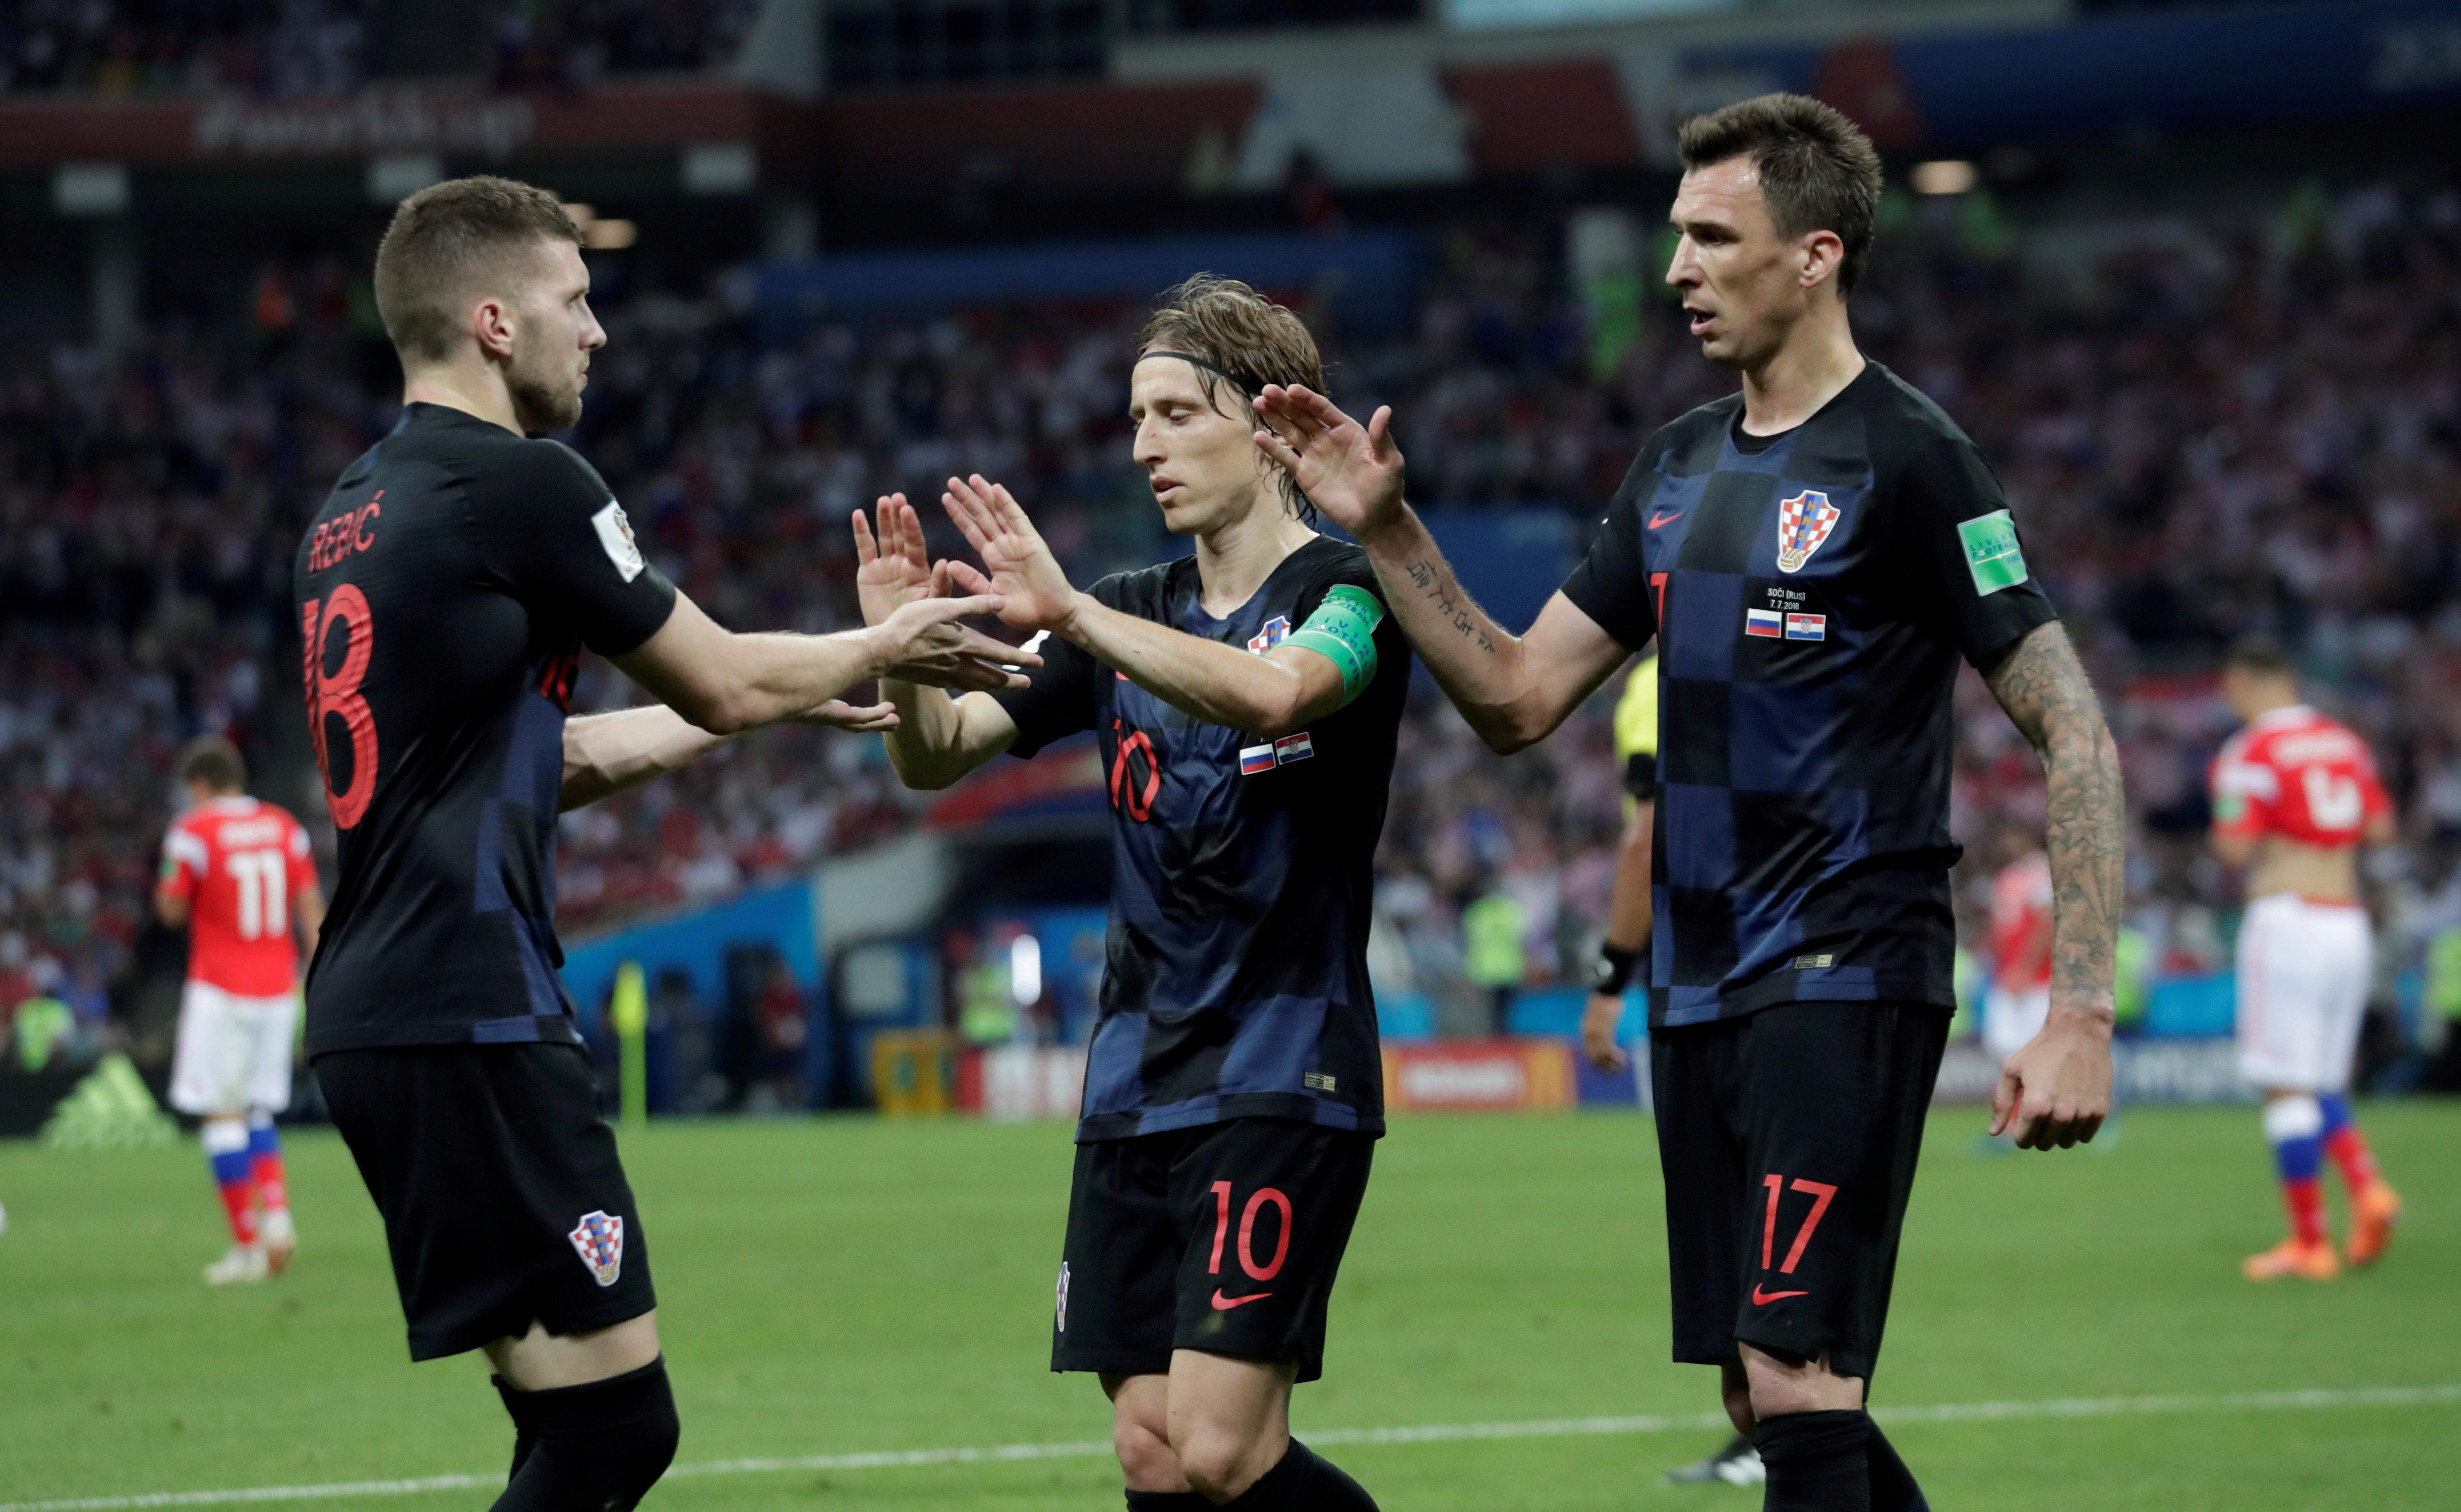 Kroatien – England im Live-Stream: Fußball-WM 2018 online